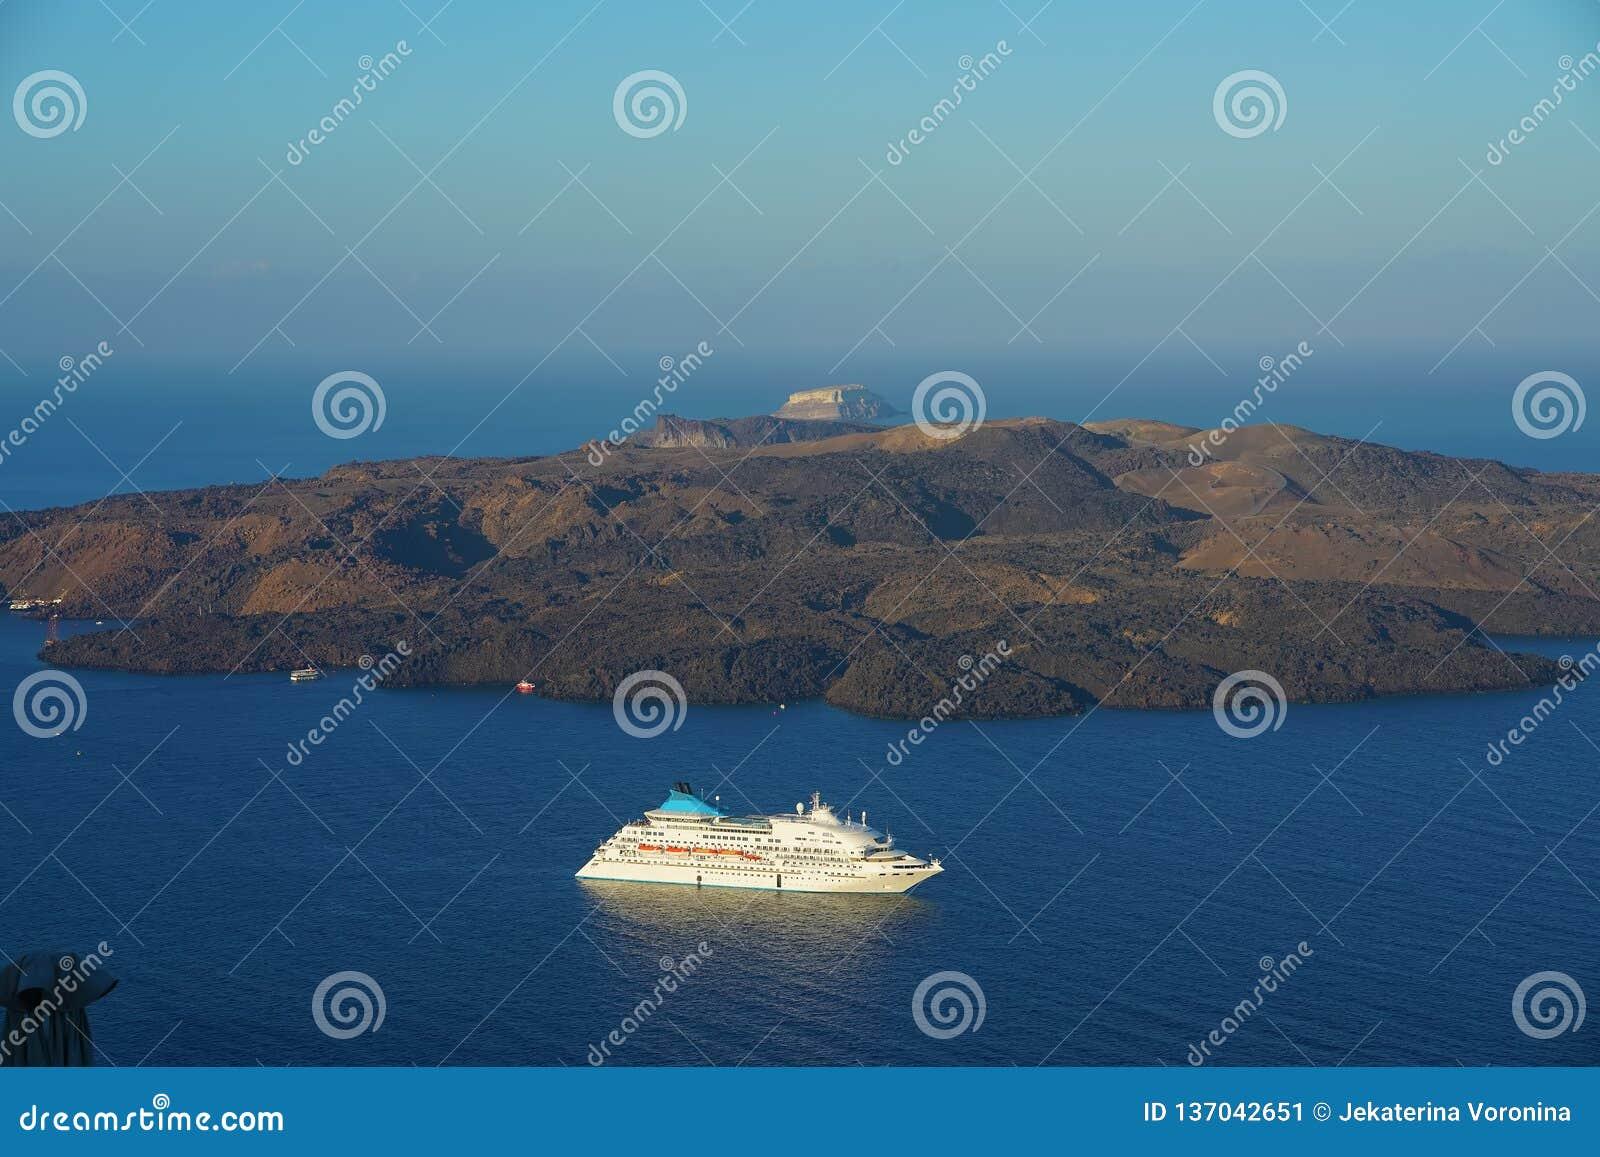 Panorama van de Caldera met cruiseschip in Santorini